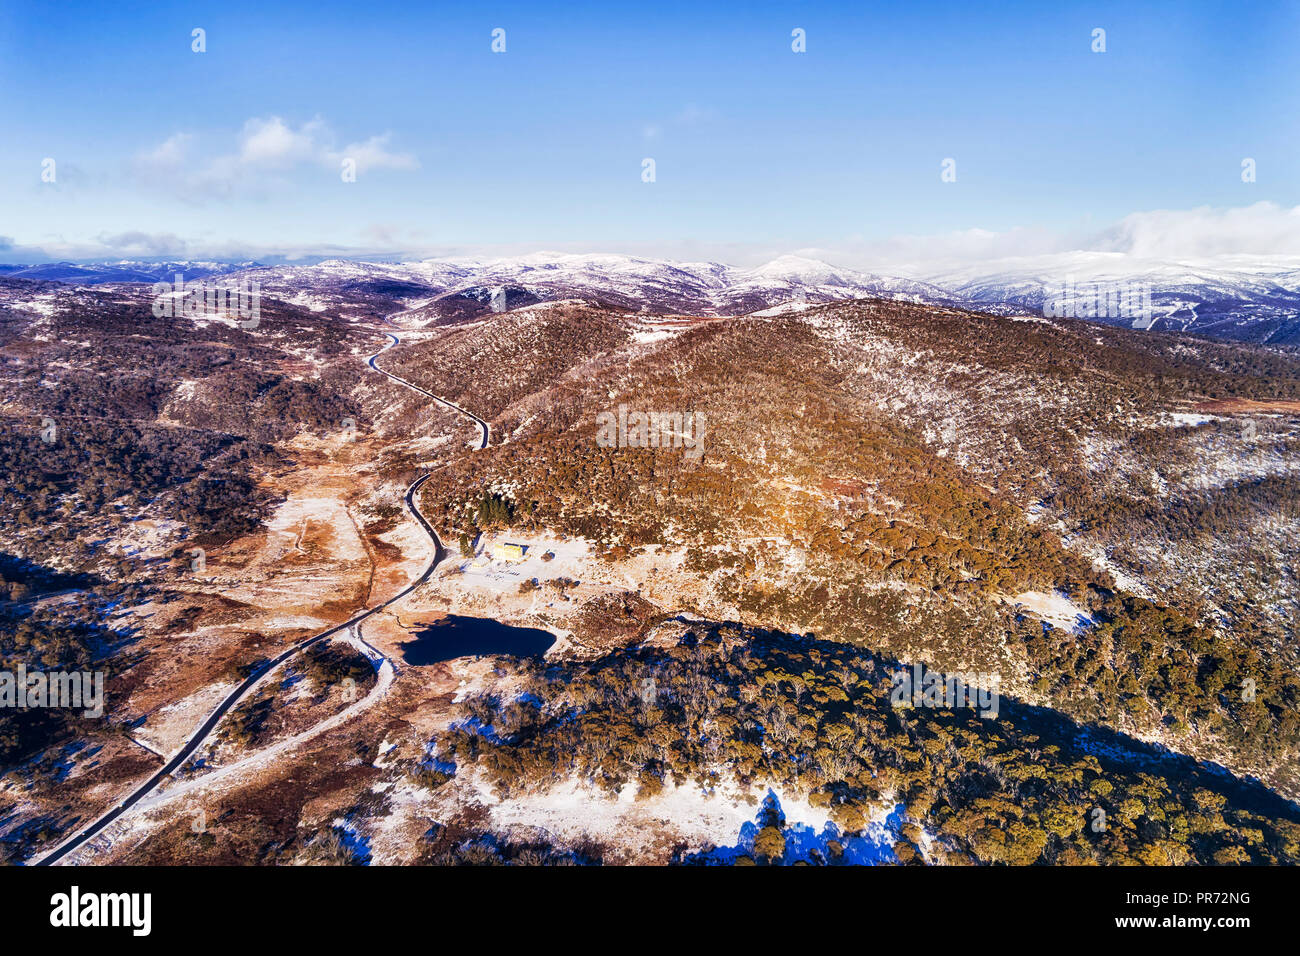 Die berge in der ferne Gipfel von weißen Schnee im Winter hoch in den Bergen von Australien abgedeckt - beliebte Ski- und Snowboard Resort von Umkommen Stockbild